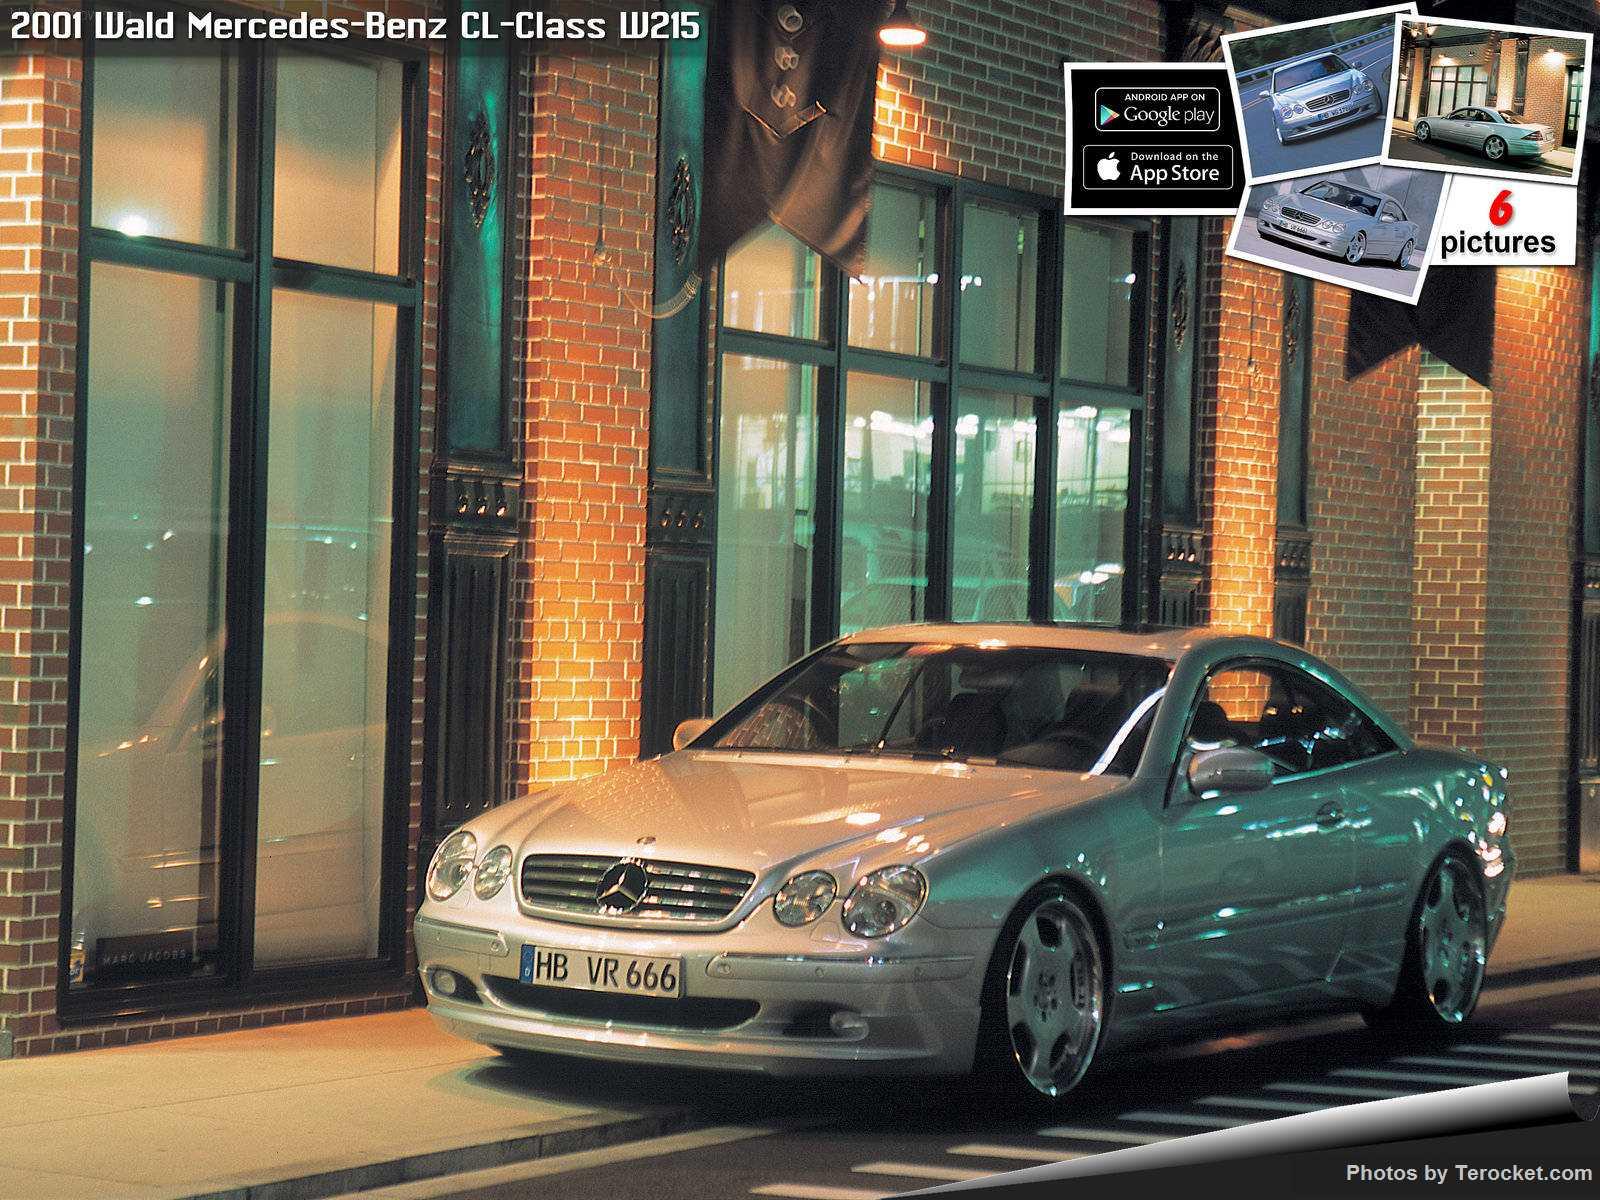 Hình ảnh xe độ Wald Mercedes-Benz CL-Class W215 2001 & nội ngoại thất